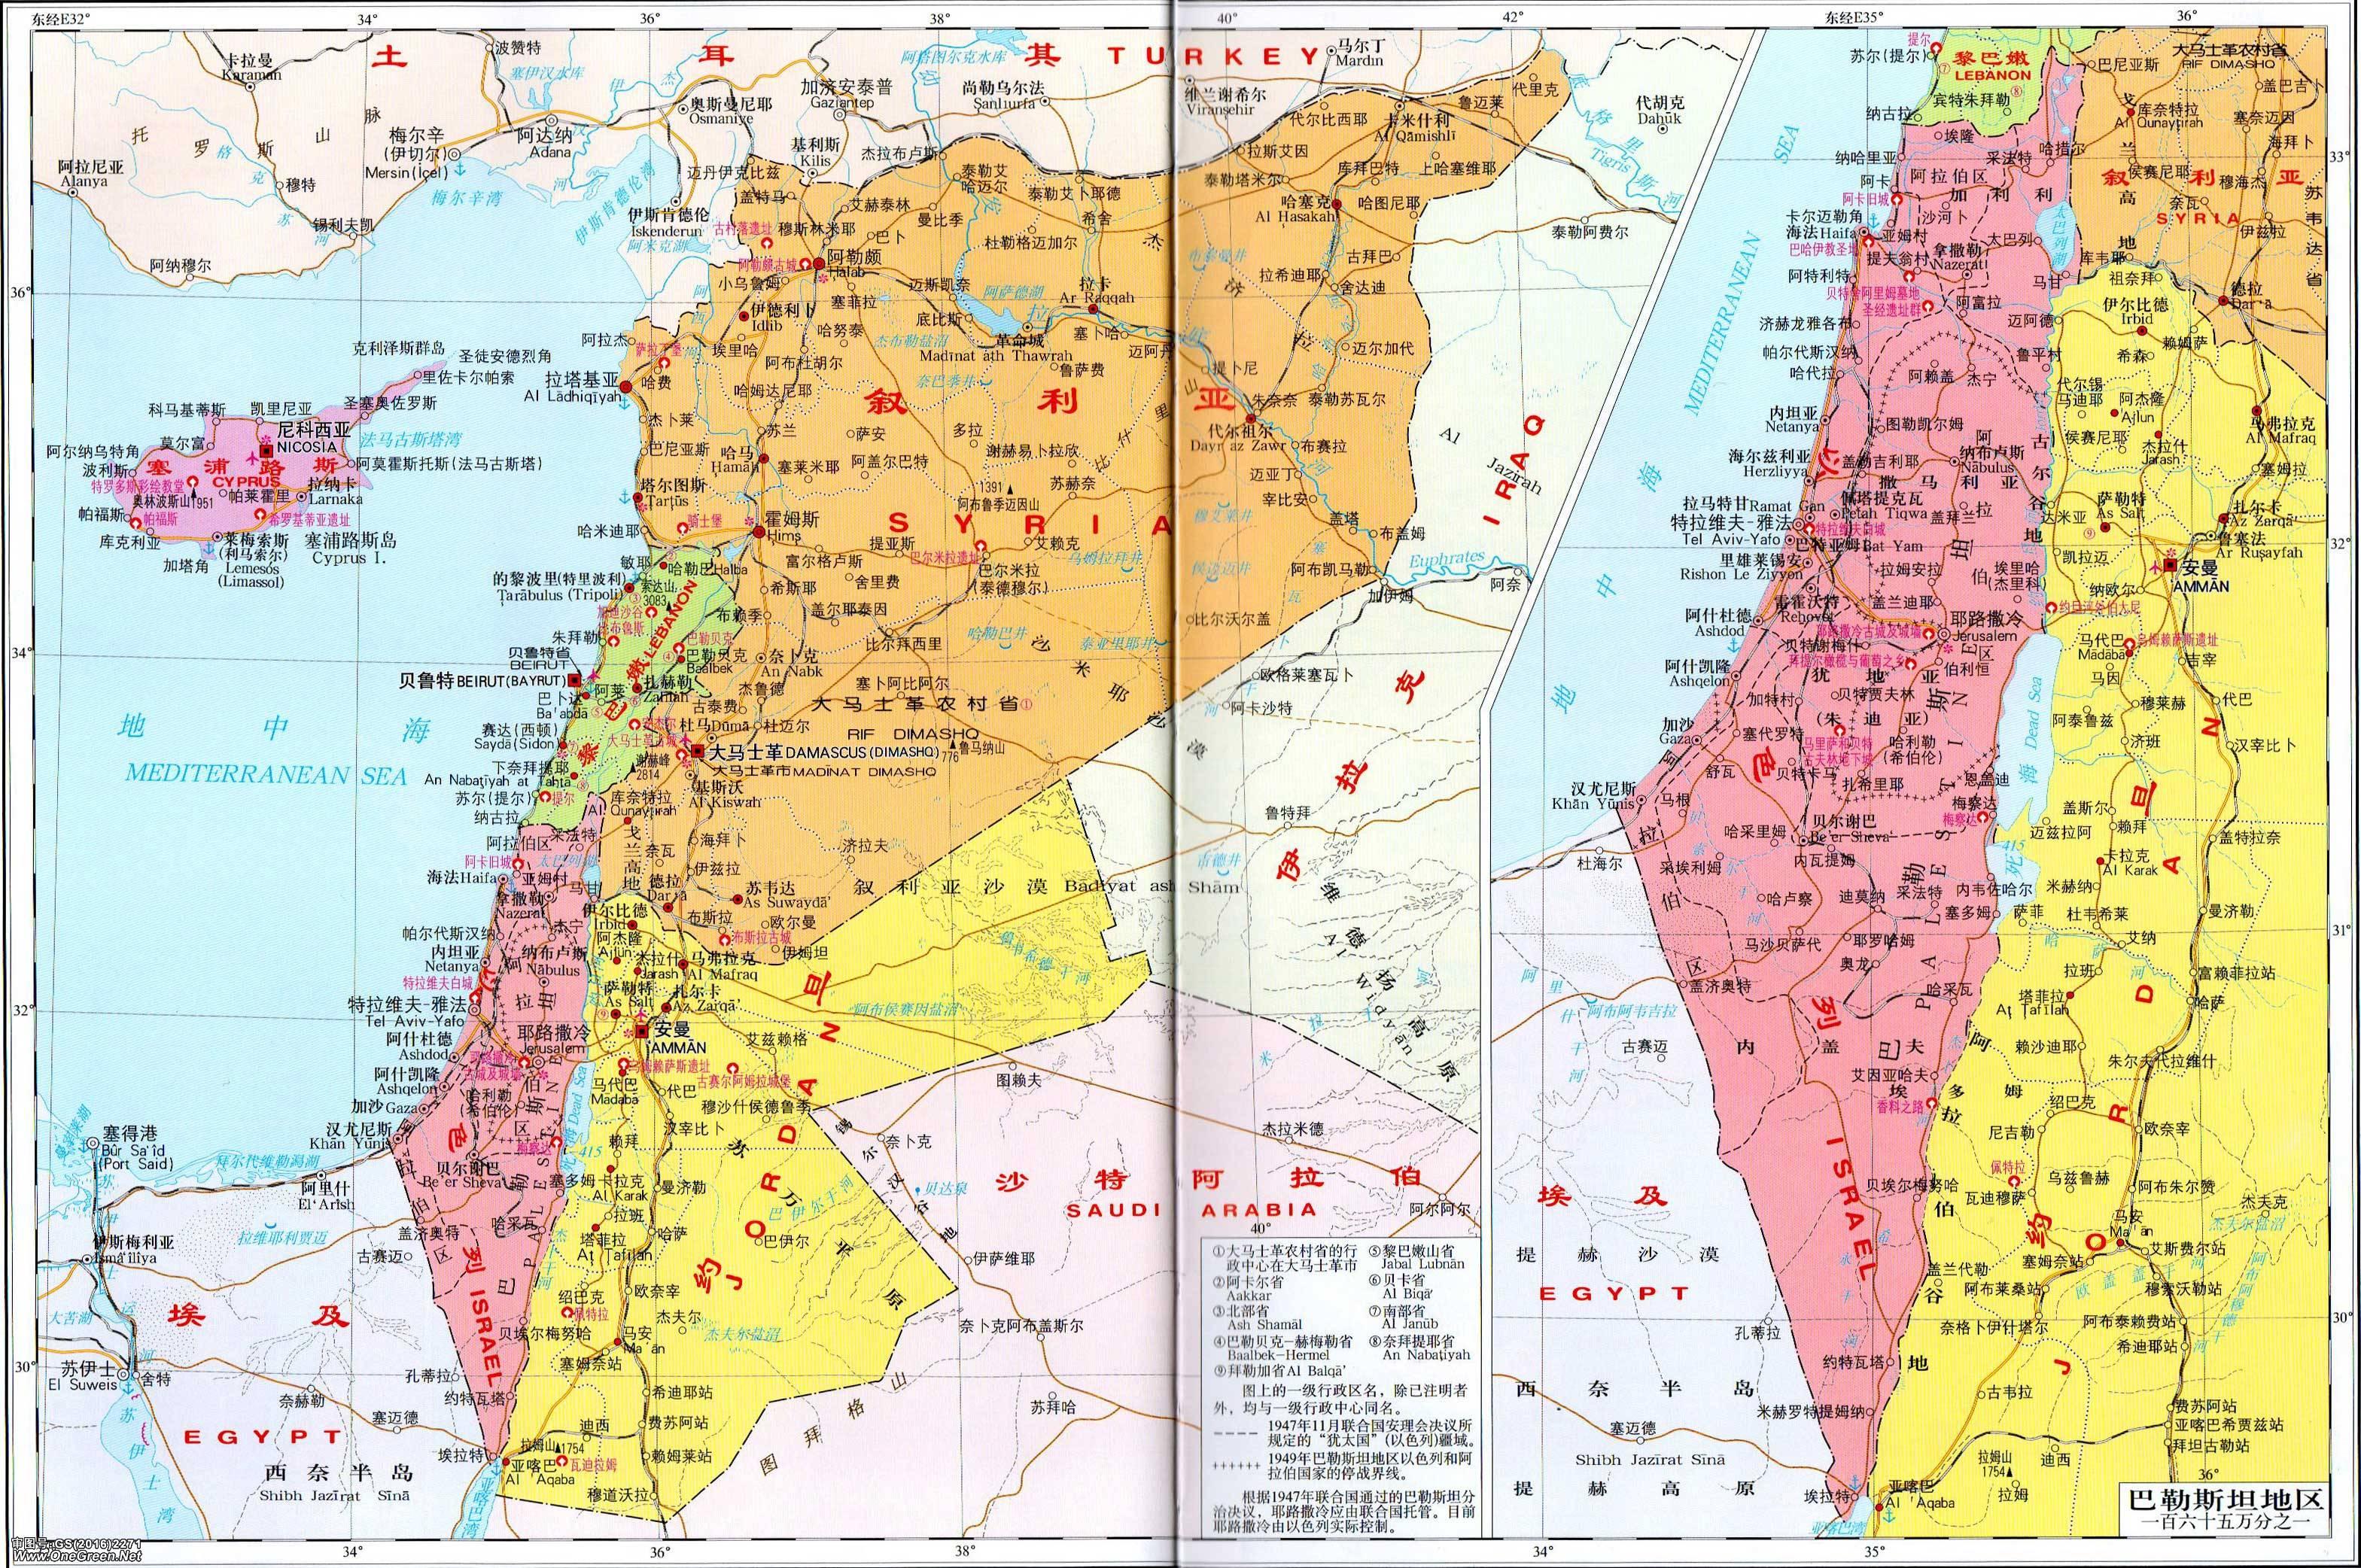 叙利亚地图_叙利亚地图中文版